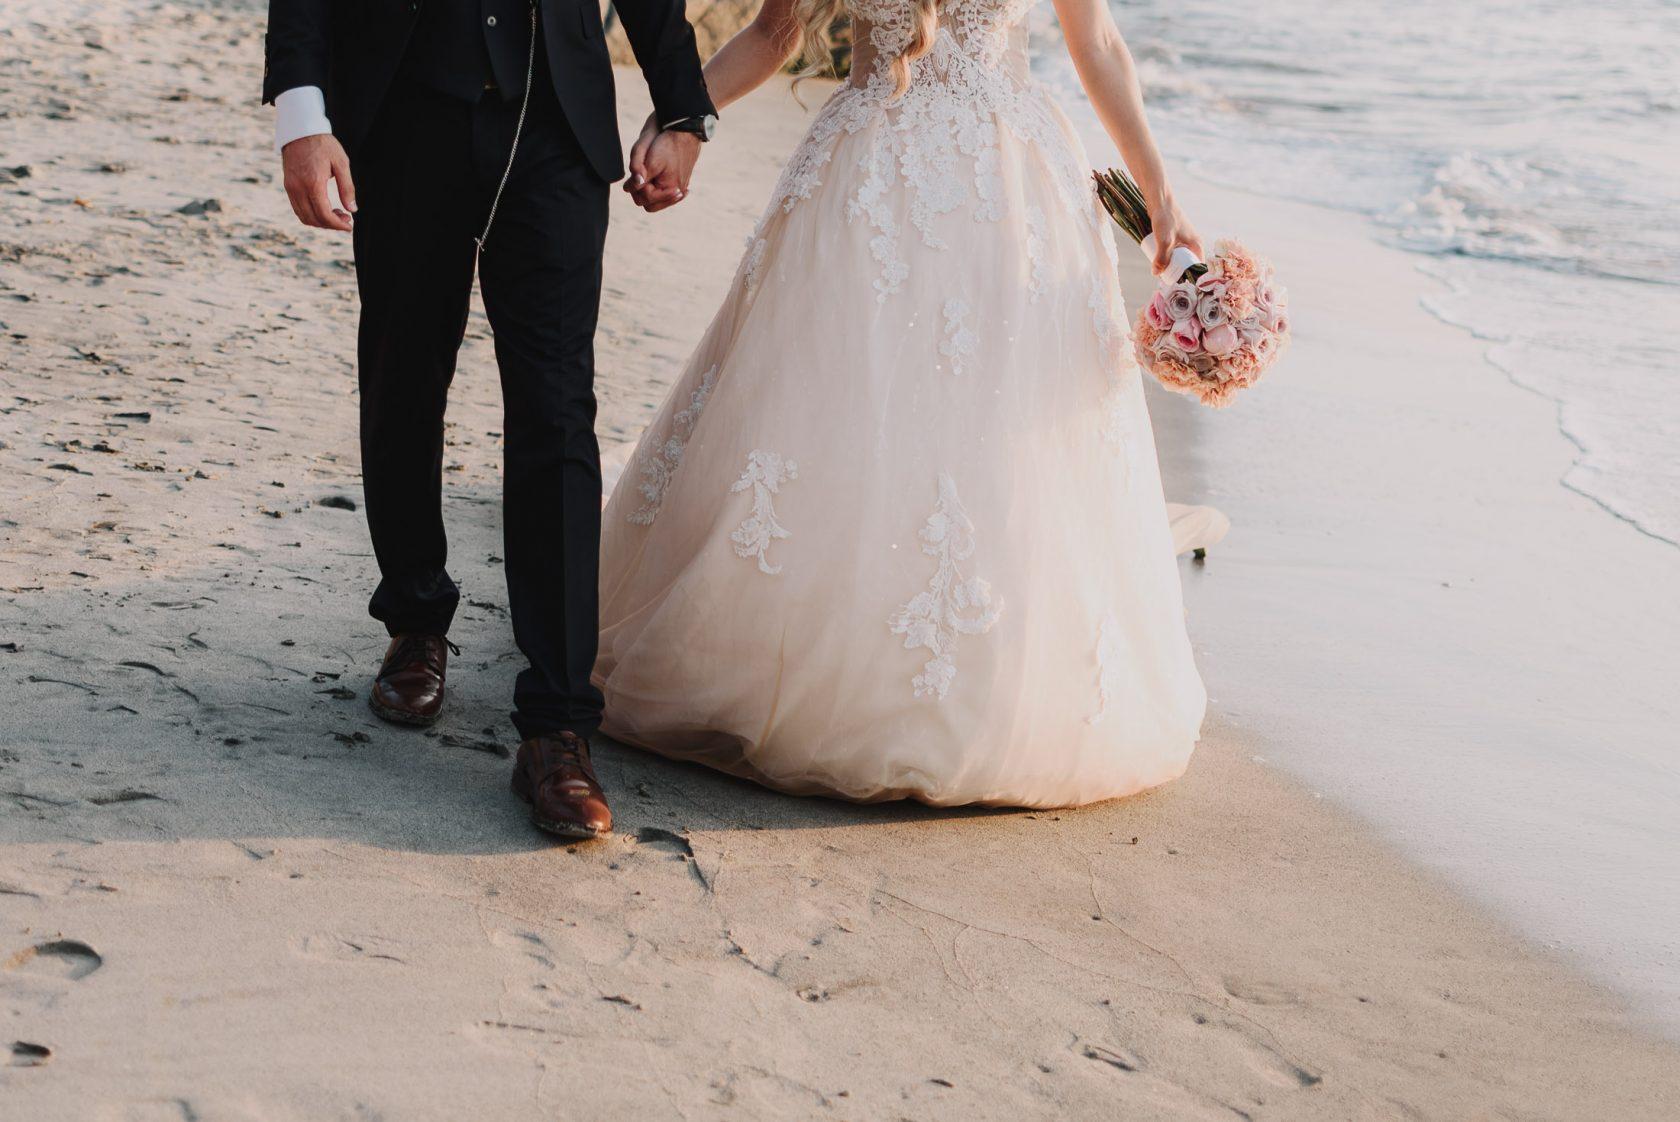 los matrimonios en domingo son más económicos que un sábado